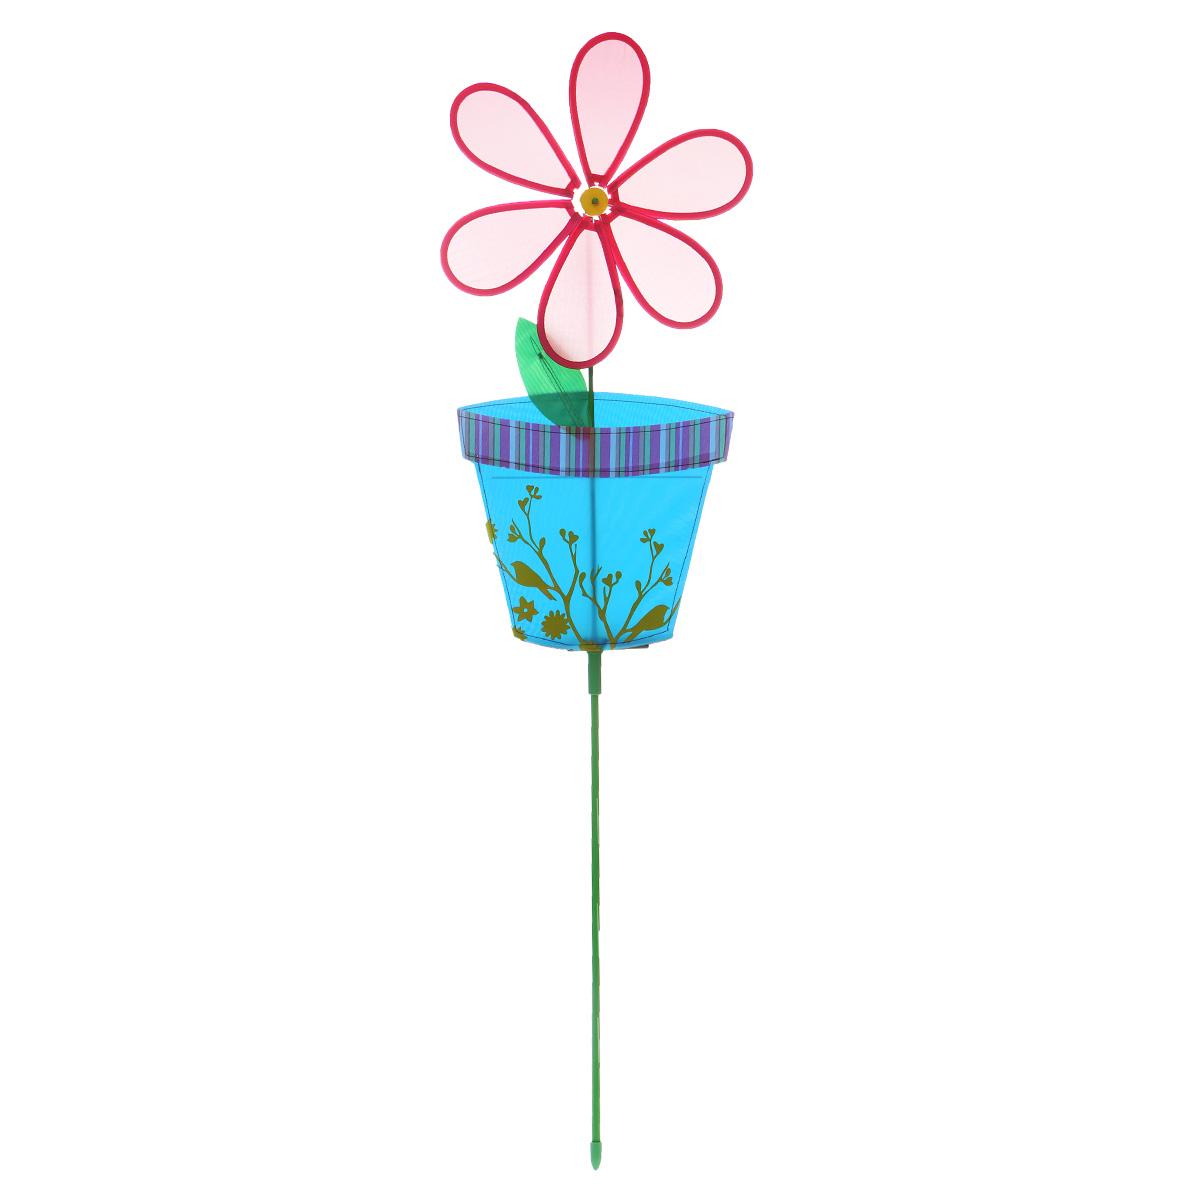 Фигура-вертушка декоративнаяVillage People Цветок в горшочке, цвет: красный, высота 114 см. 66924Z-0307Декоративная фигура-вертушка Village People Цветок в горшочке - это не только любимая всеми игрушка, но и замечательный способ отпугнуть птиц с грядок. А за счёт яркого дизайна ландшафт сада станет еще привлекательнее. Диаметр цветка: 28 см. Размер фигуры-вертушки: 114 см х 28 см х 2,5 см